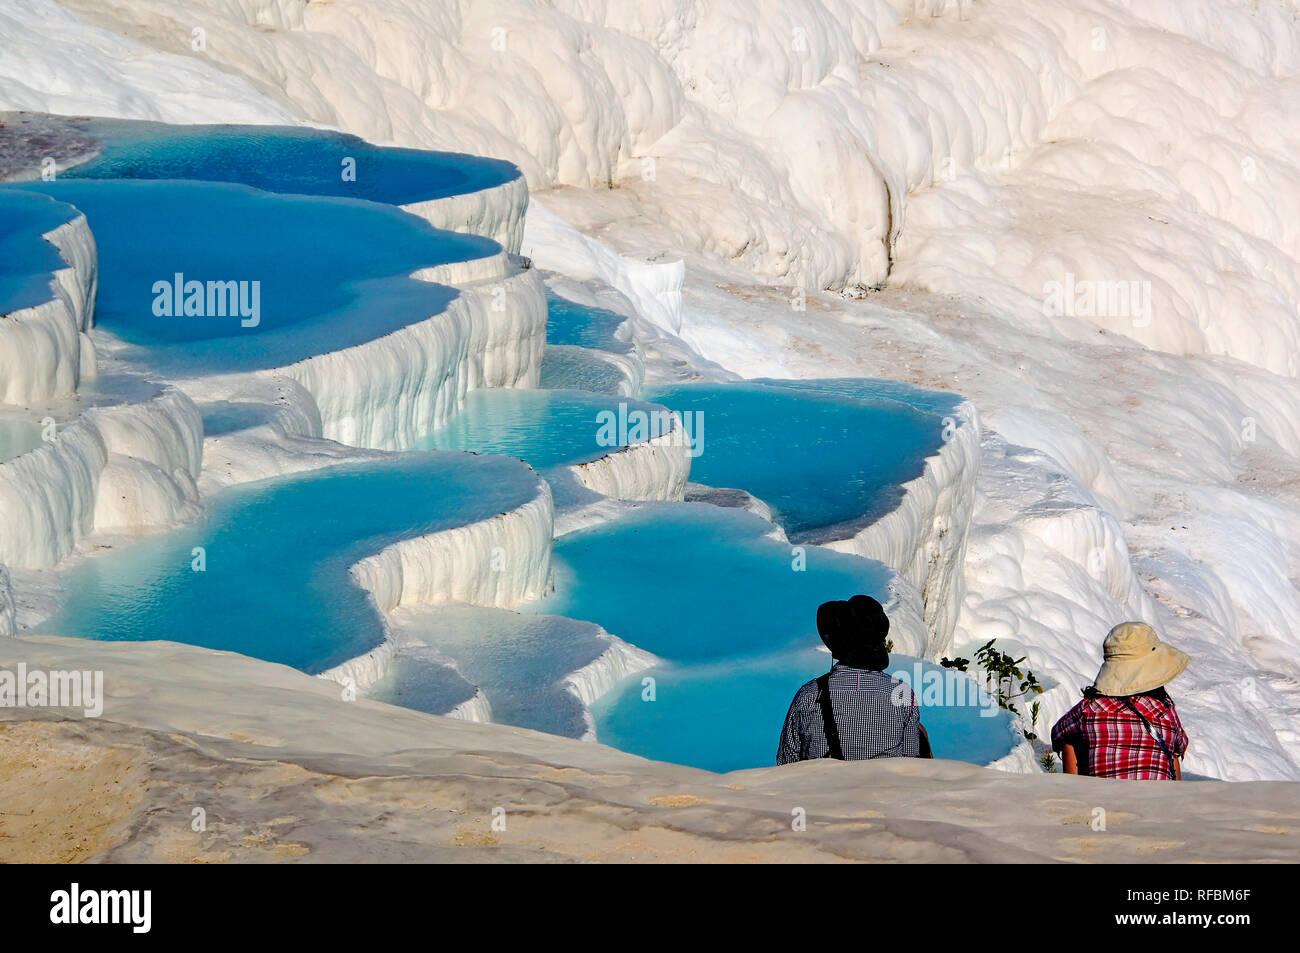 Hot springs et travertins de Pamukkale, eaux thermales. Province de Denizli, l'Anatolie. La Turquie Photo Stock